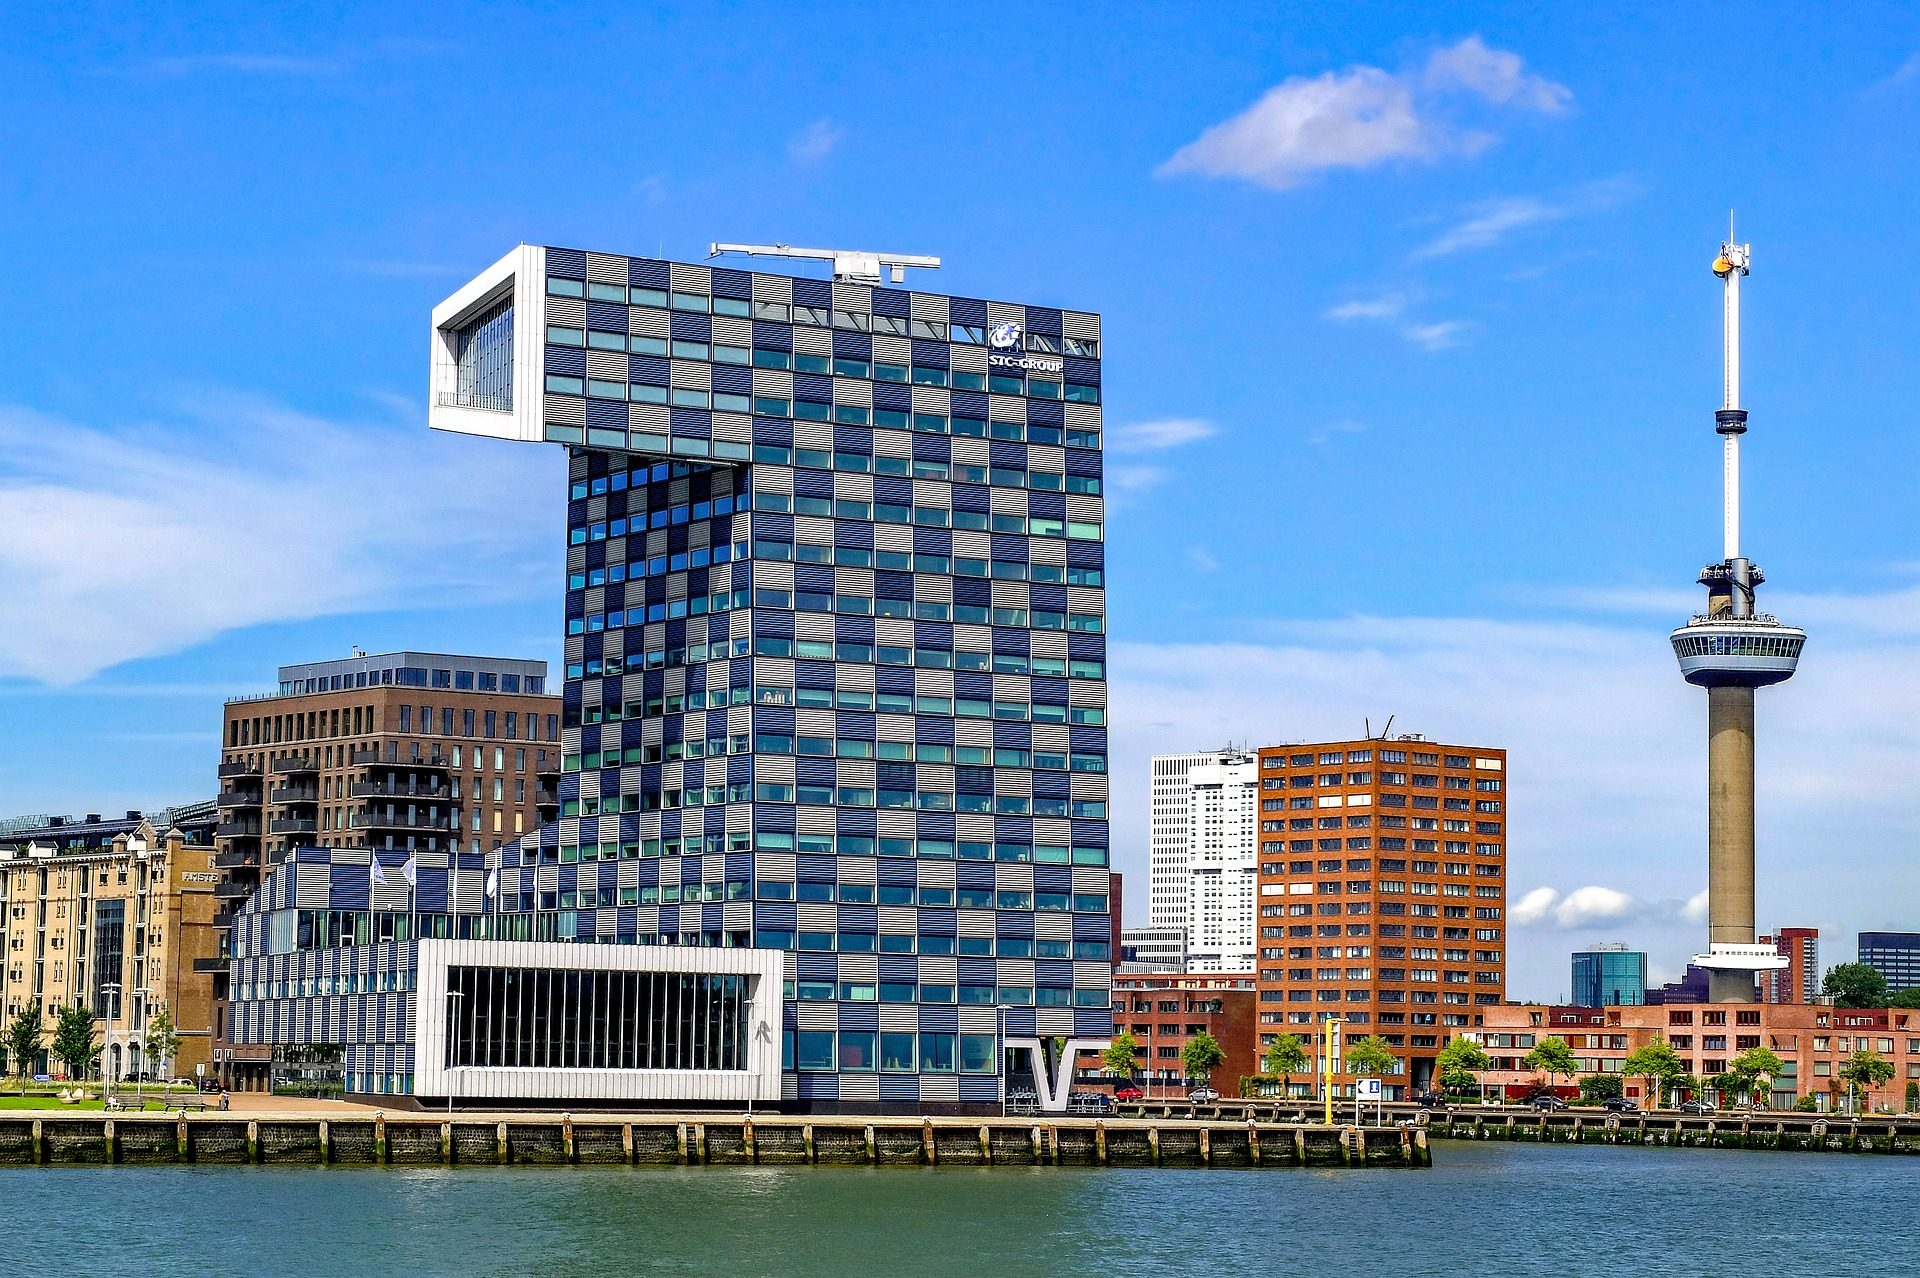 κτίριο, αρχιτεκτονική, μοντέρνο, Πόλη, Λιμάνι - Wallpapers HD - Professor-falken.com